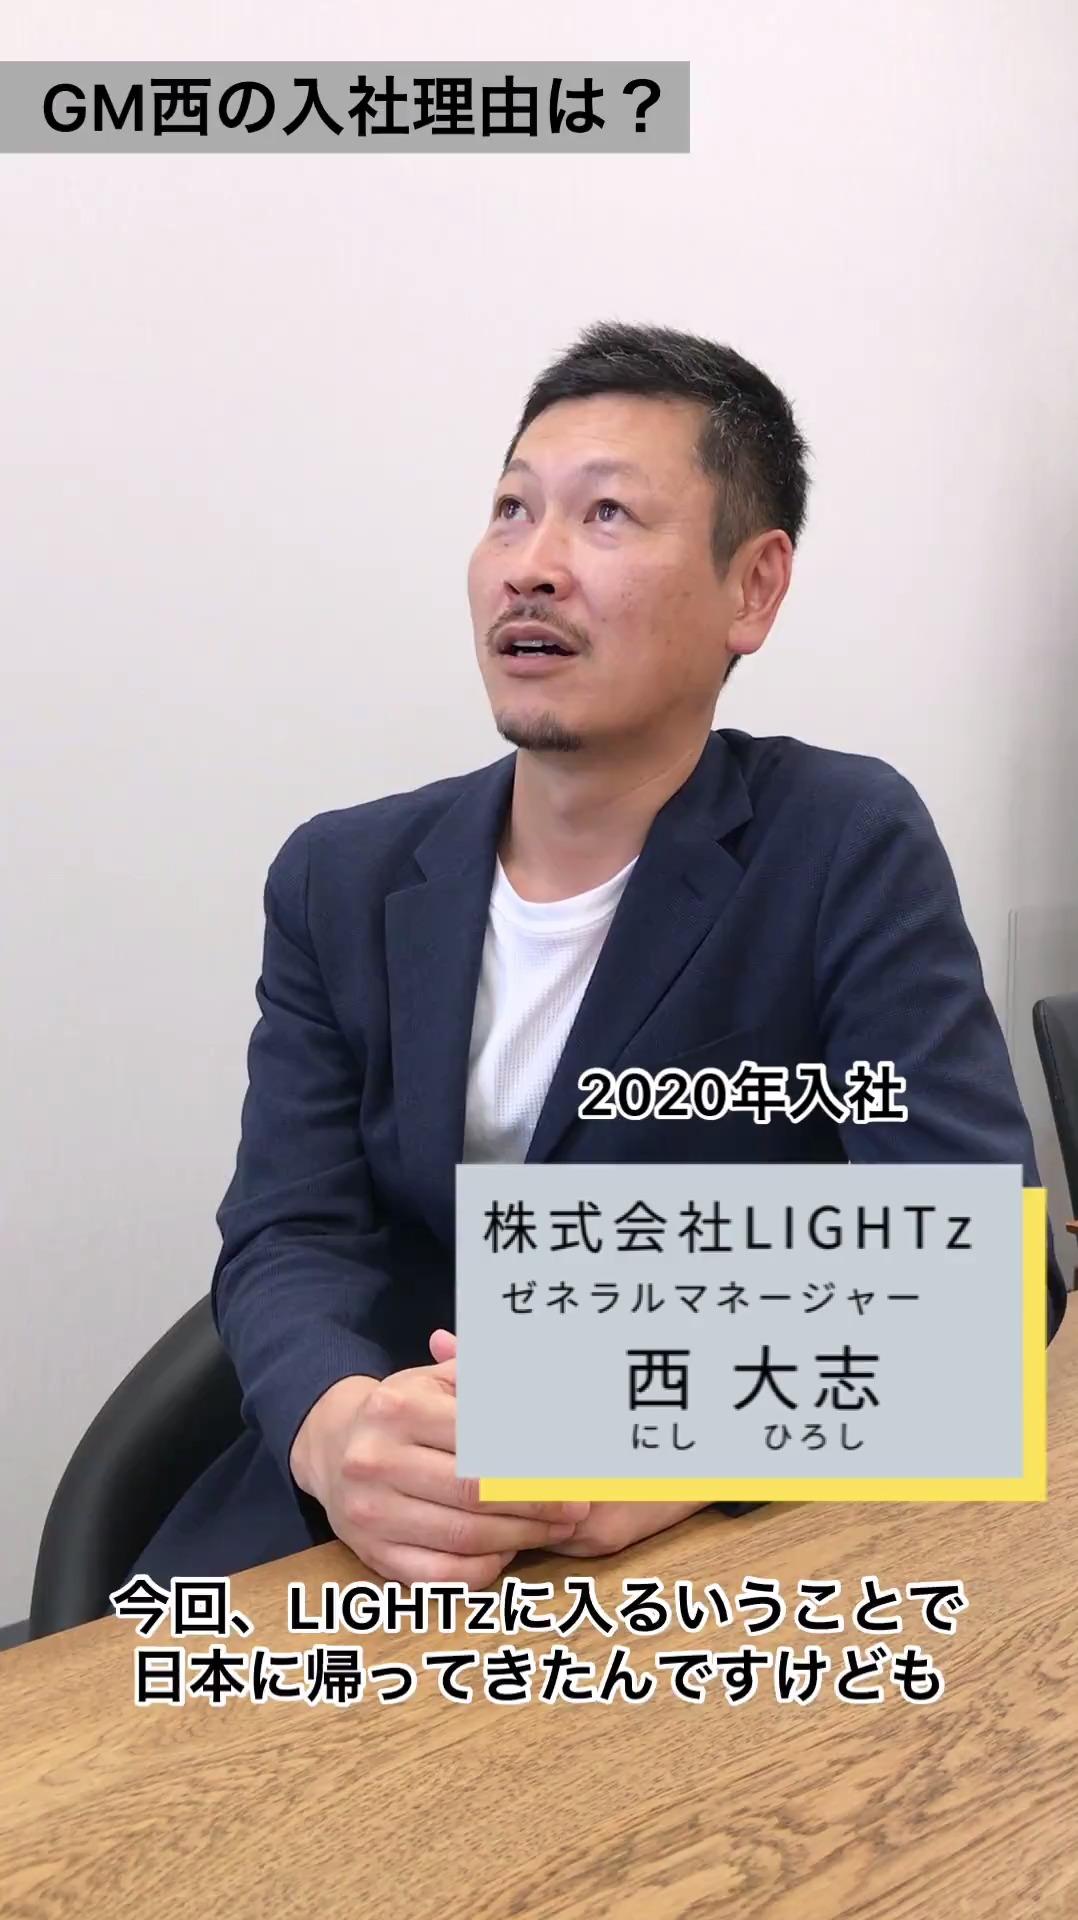 15年間のフランス在住を経て、西さんが LIGHTzに入社した理由【採用動画】